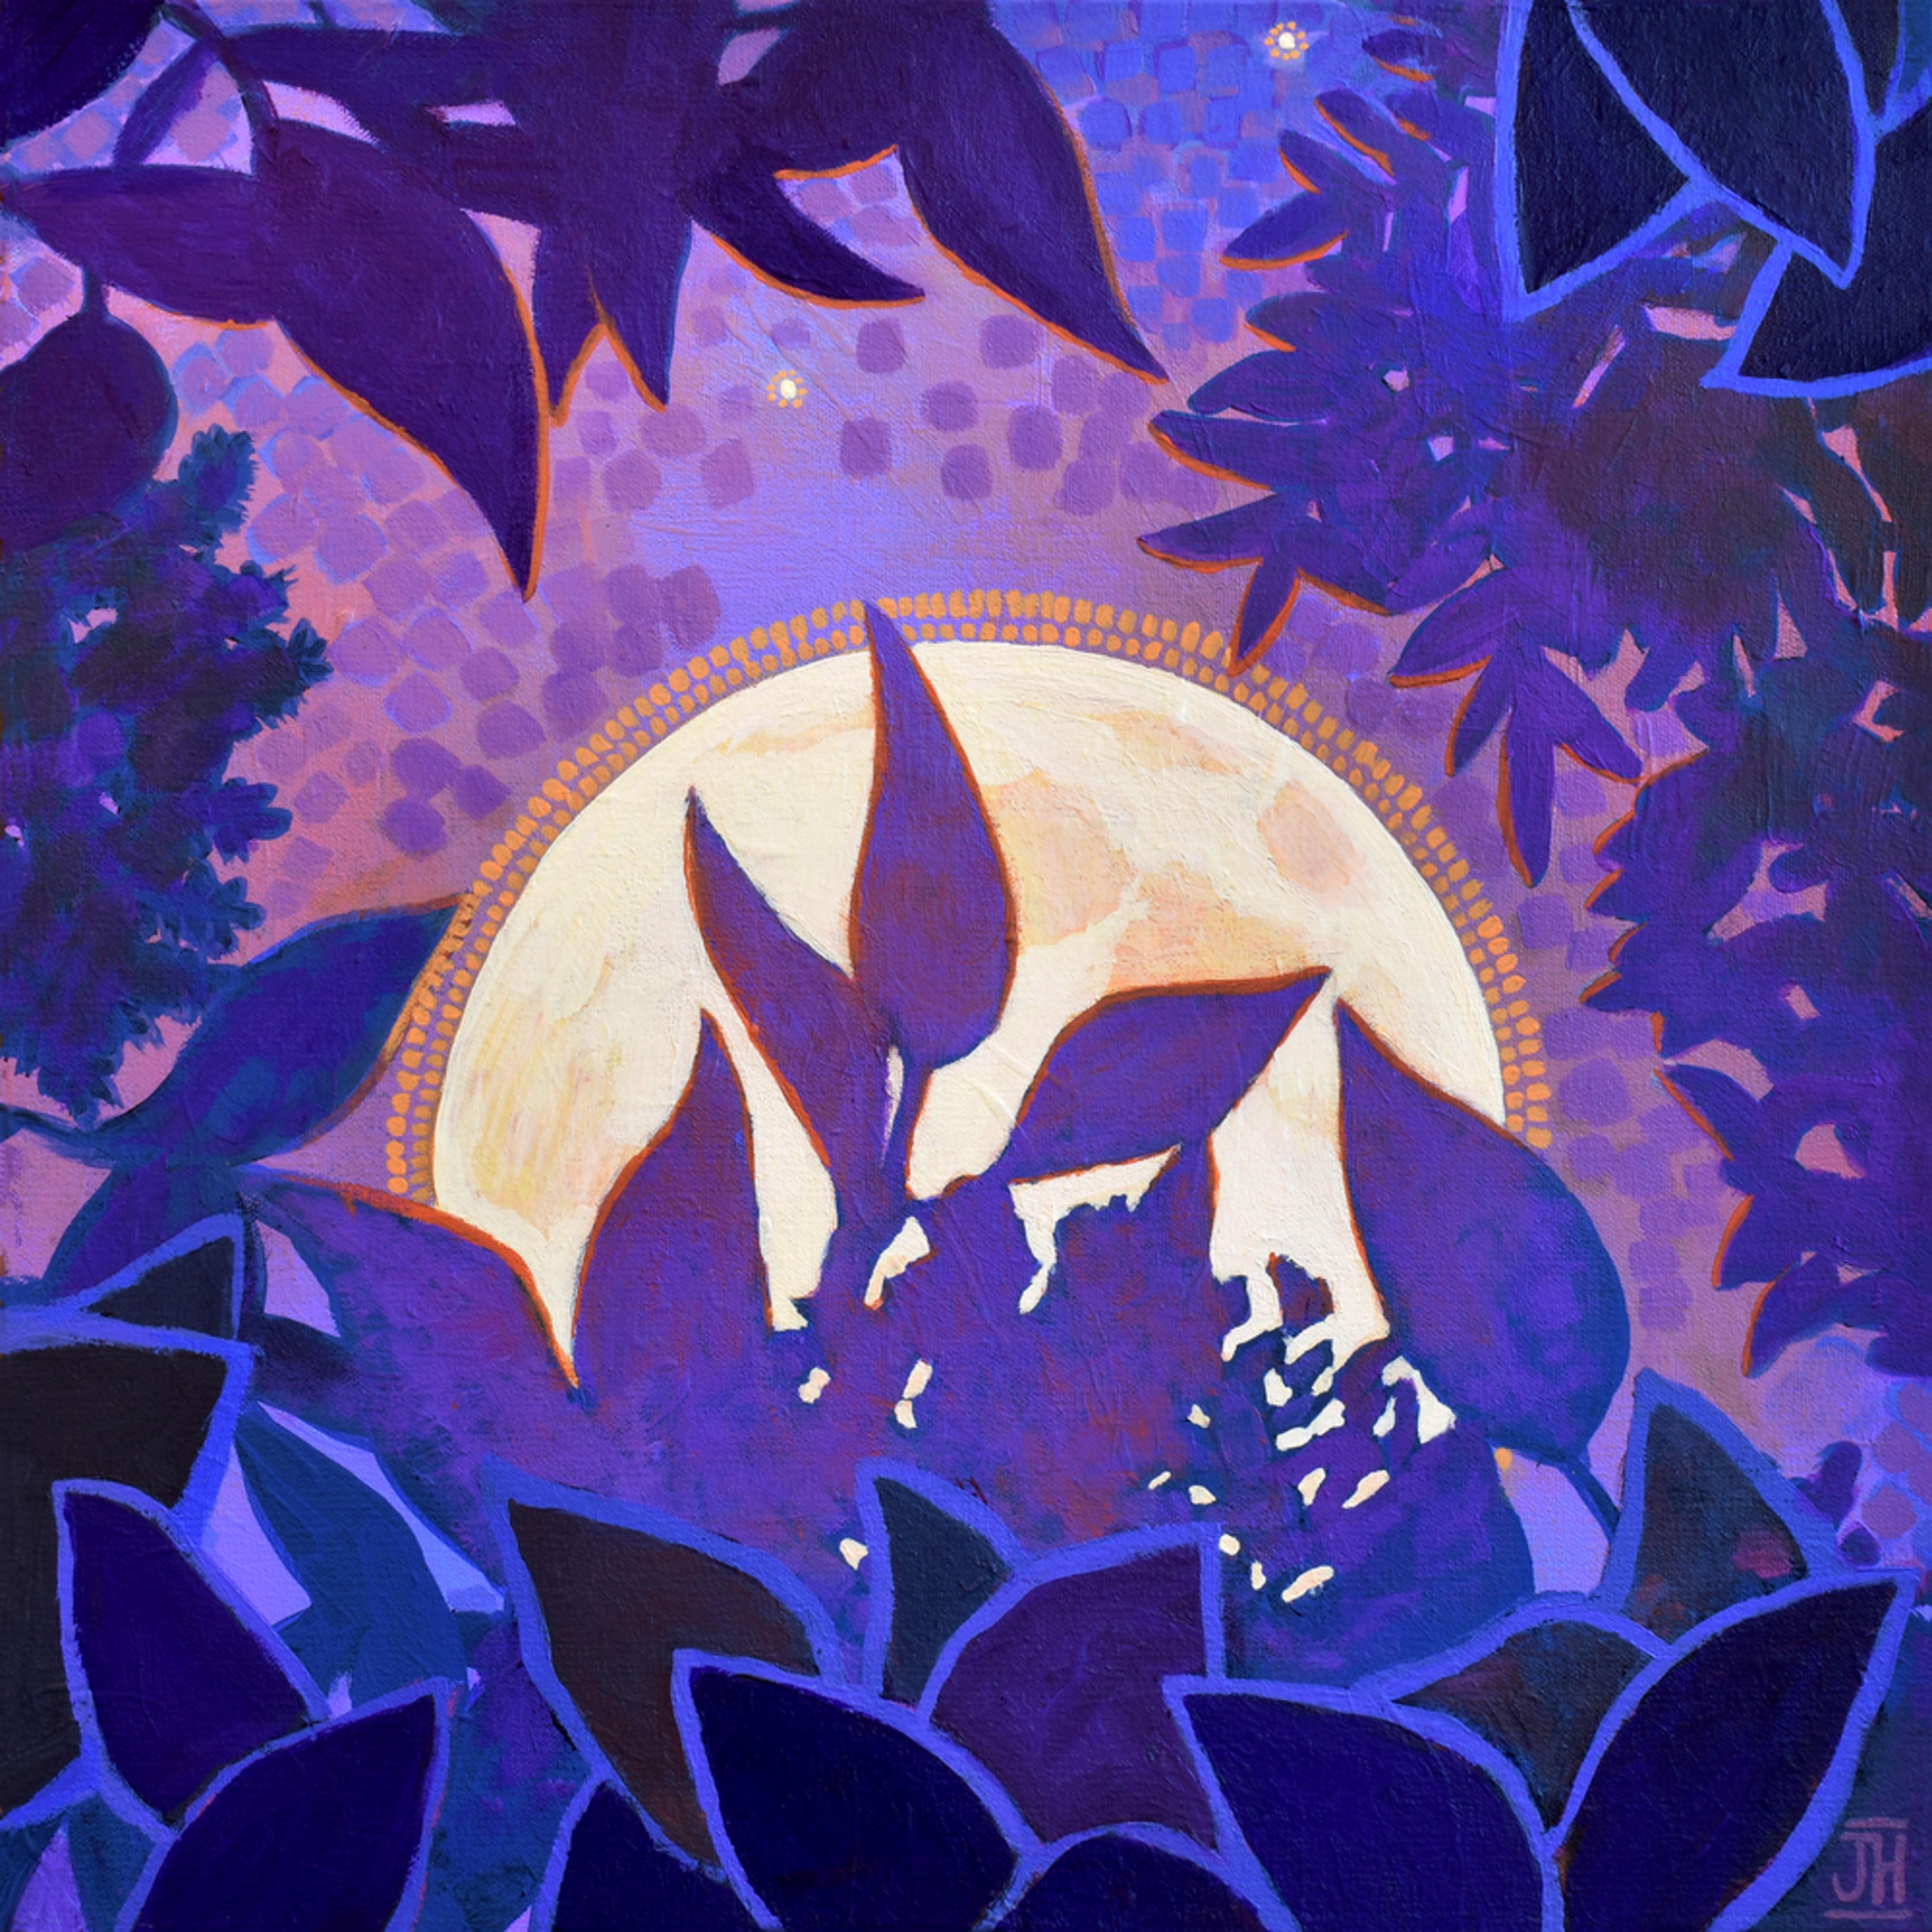 Moonrise jhahn kujjxl